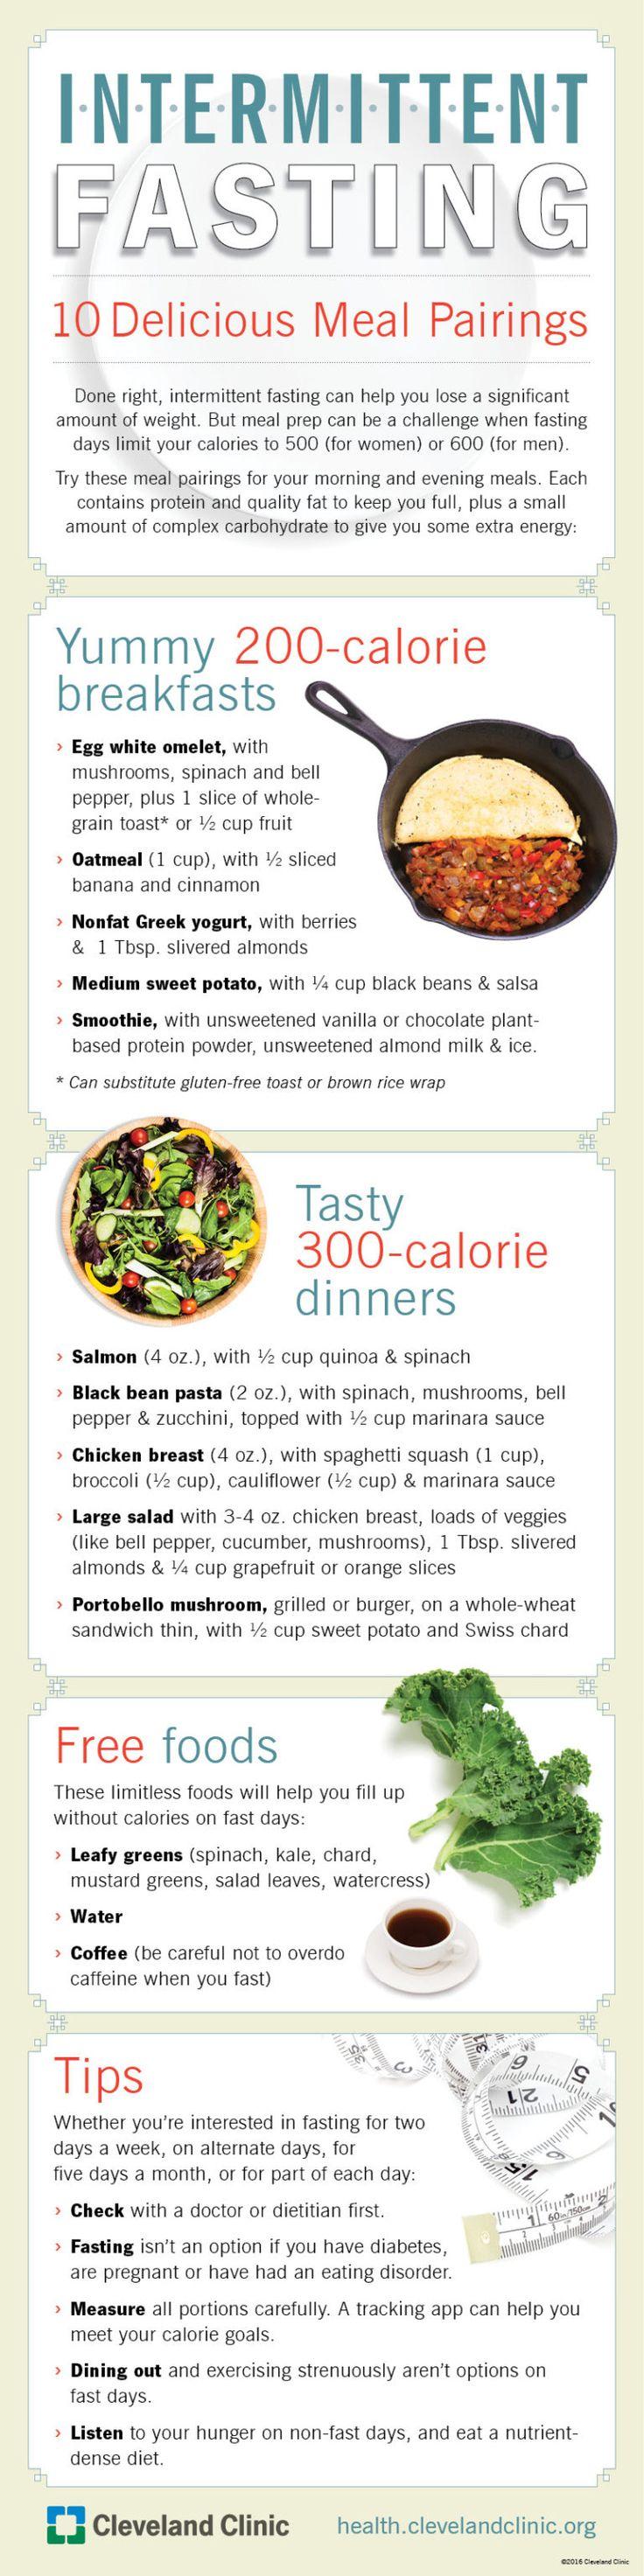 Best 25+ Lean body diet ideas on Pinterest | Lean body, Lean foods ...